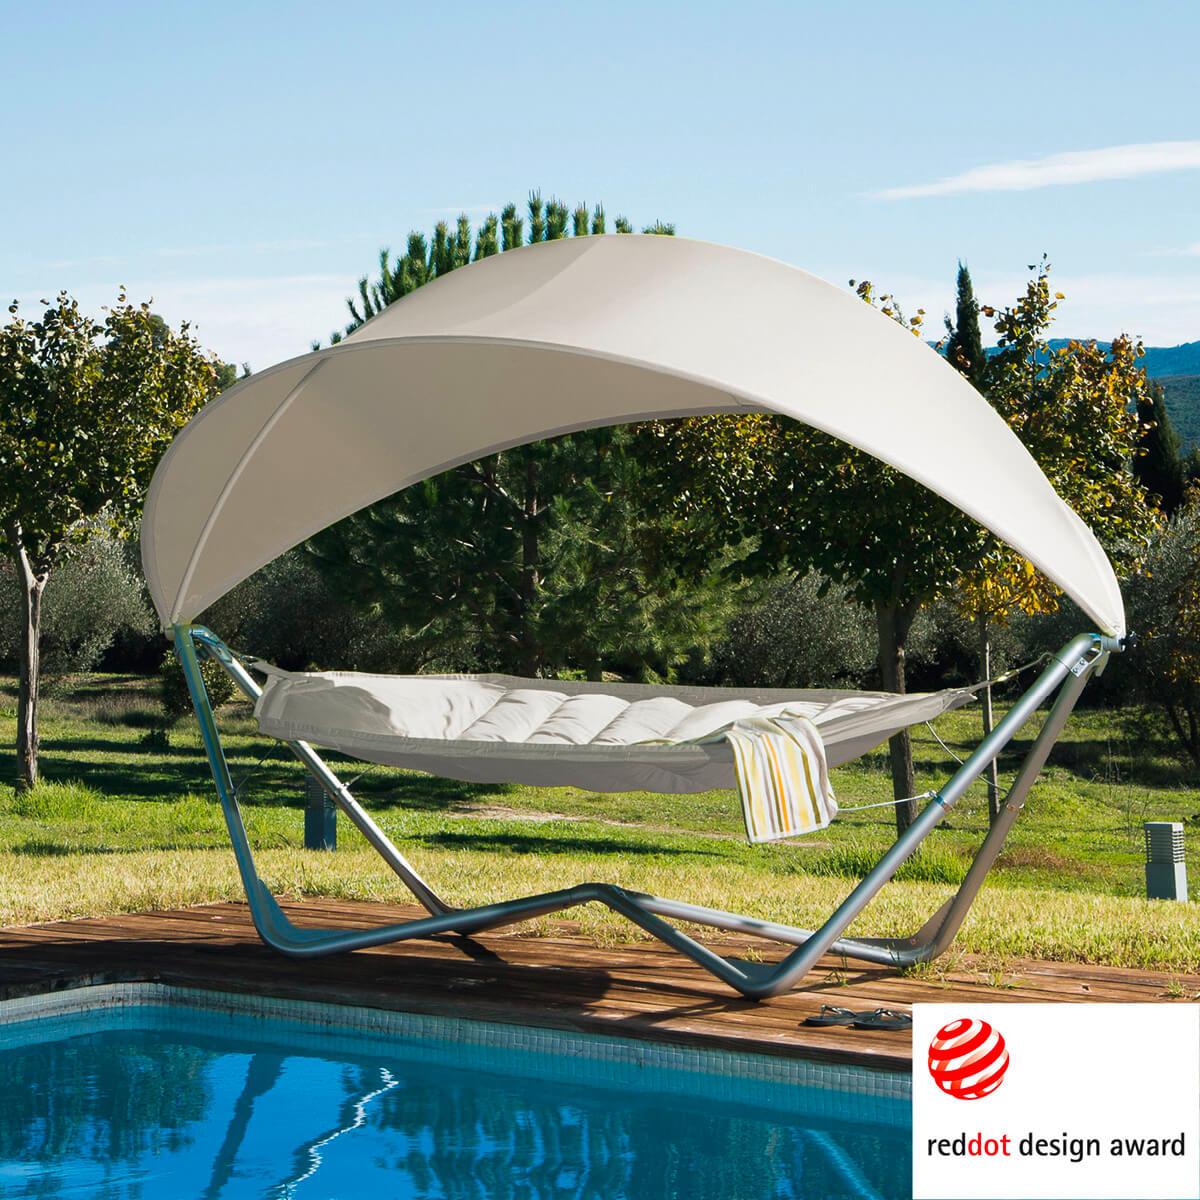 Garten Hängematte: Hängematte Mit Sonnenschutz In Weiß Haus Und Garten Garten